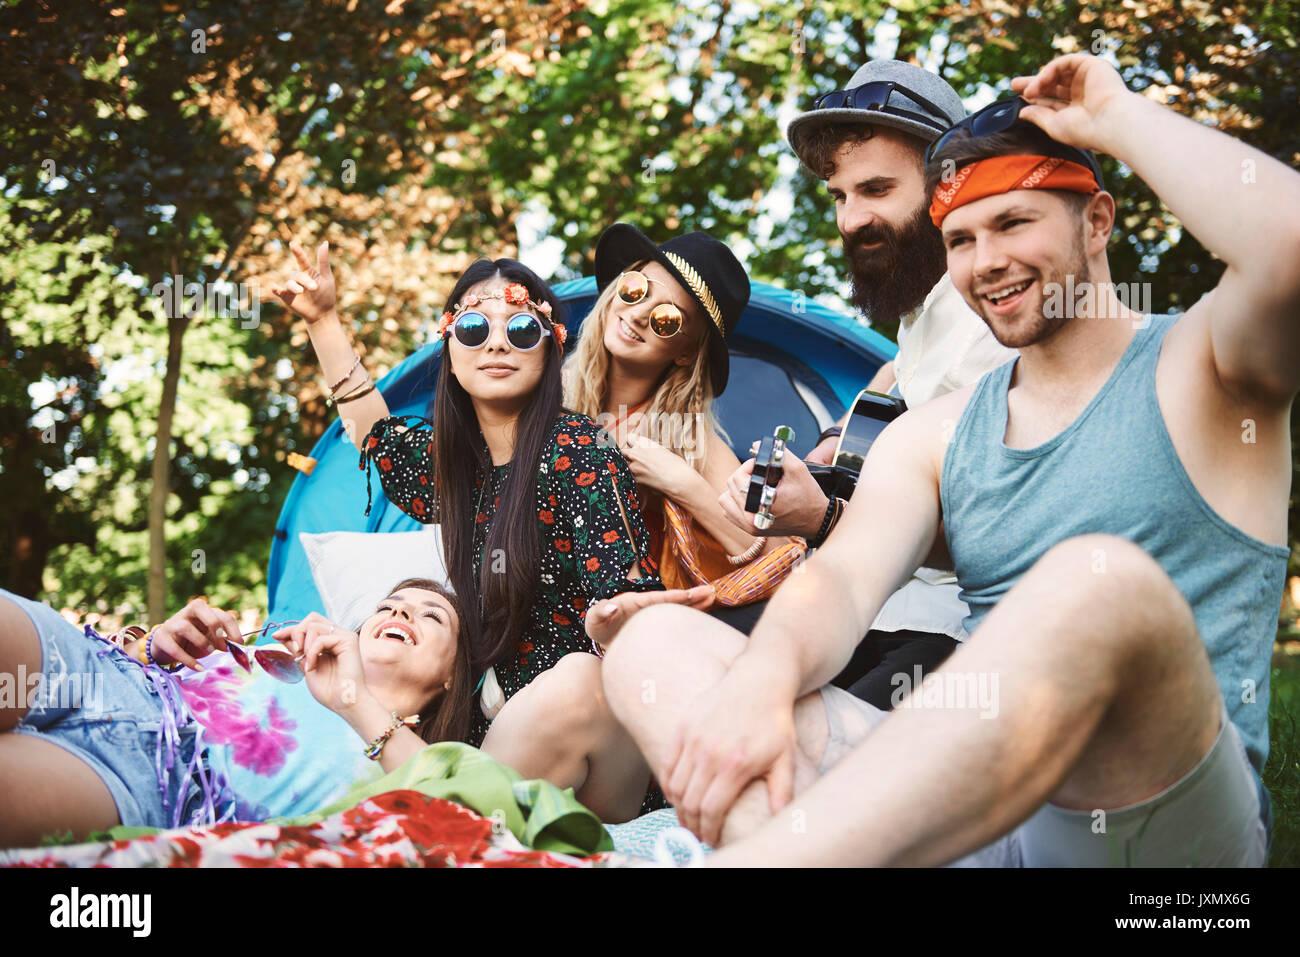 Cinco jóvenes amigos adultos tocando la guitarra acústica mientras festival camping Imagen De Stock